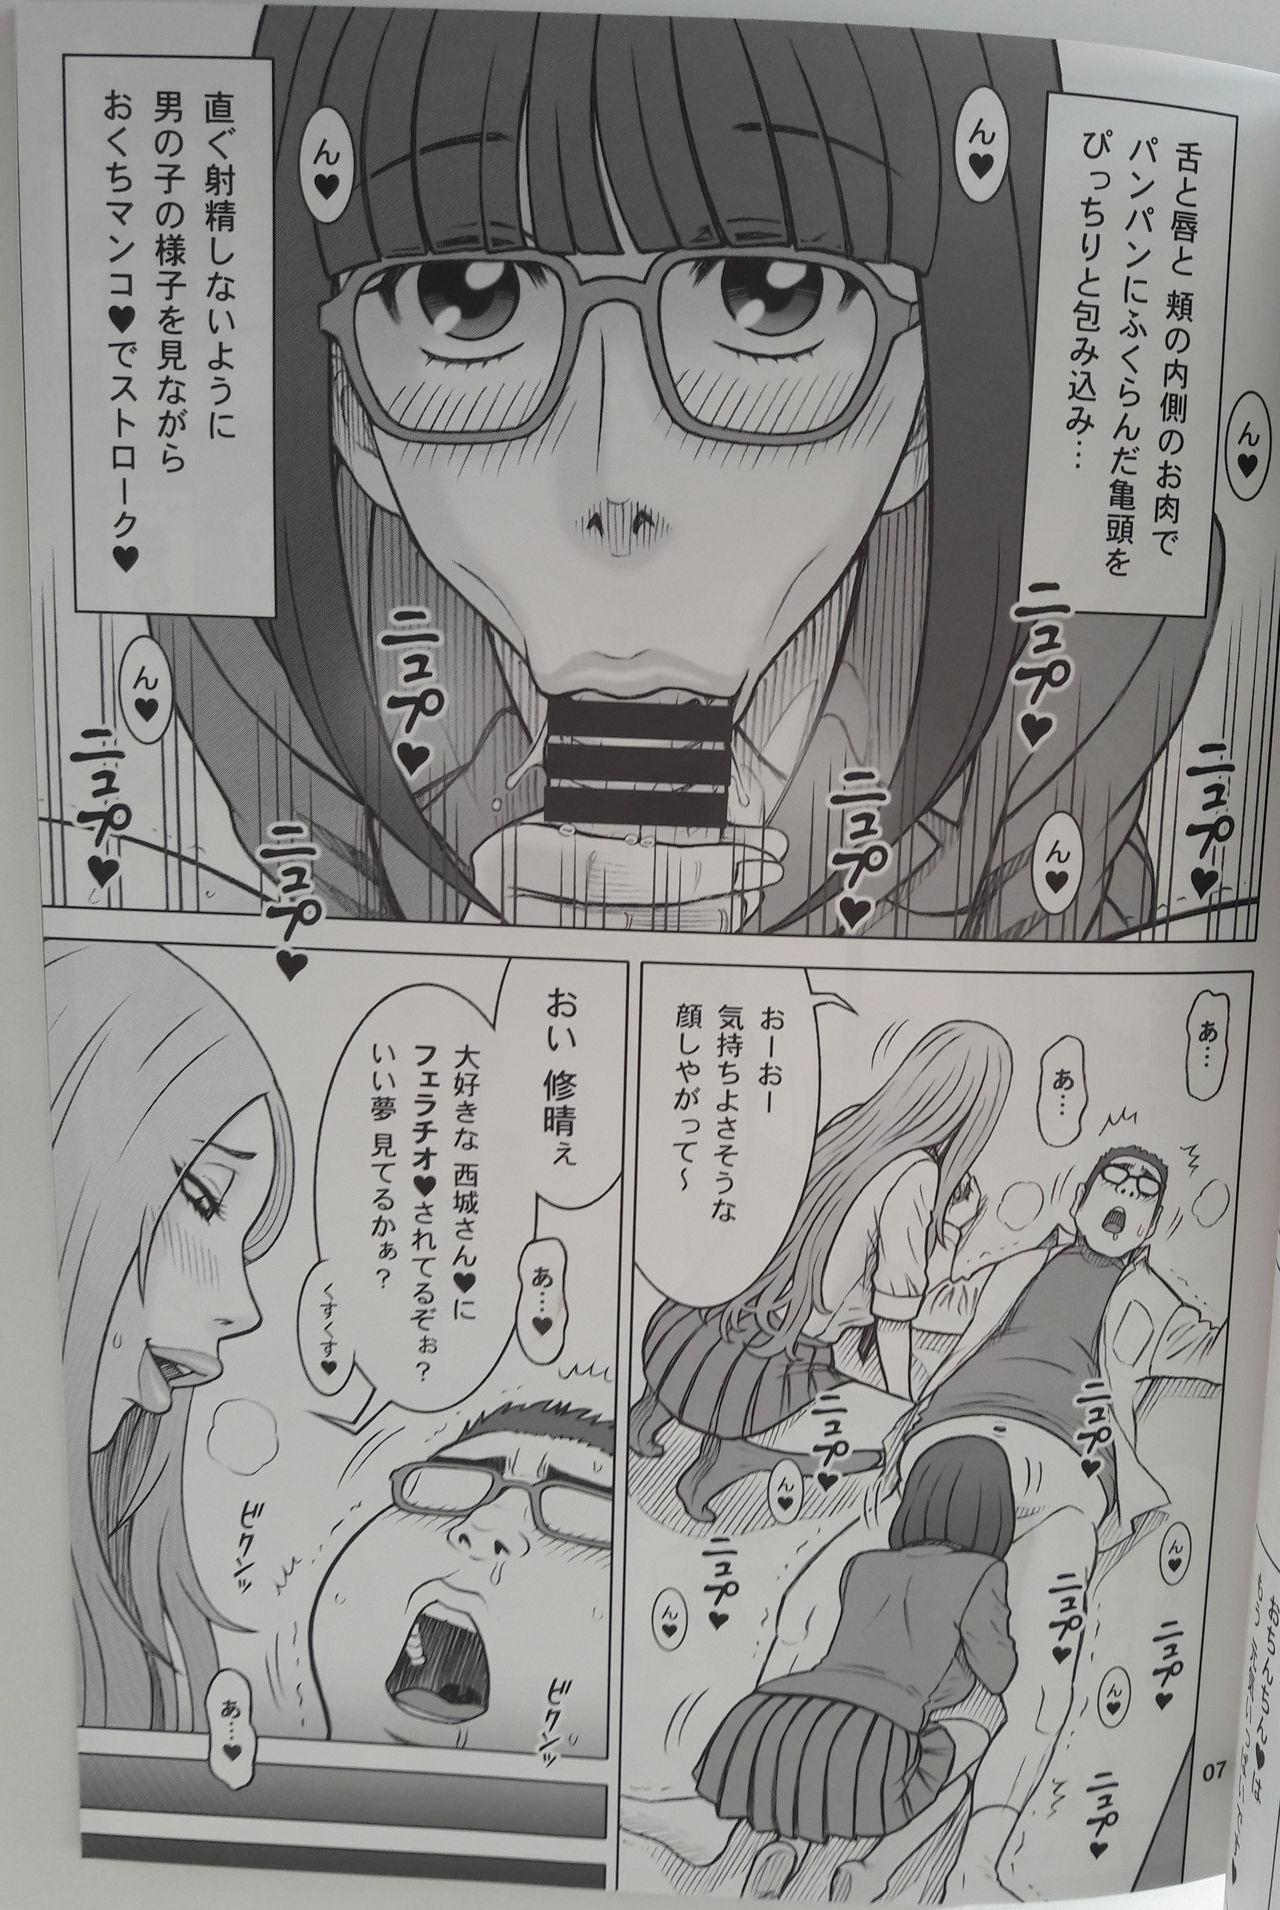 38 Kaiten Yume de Higashi ni, Utsutsu de Nishi ni. 4